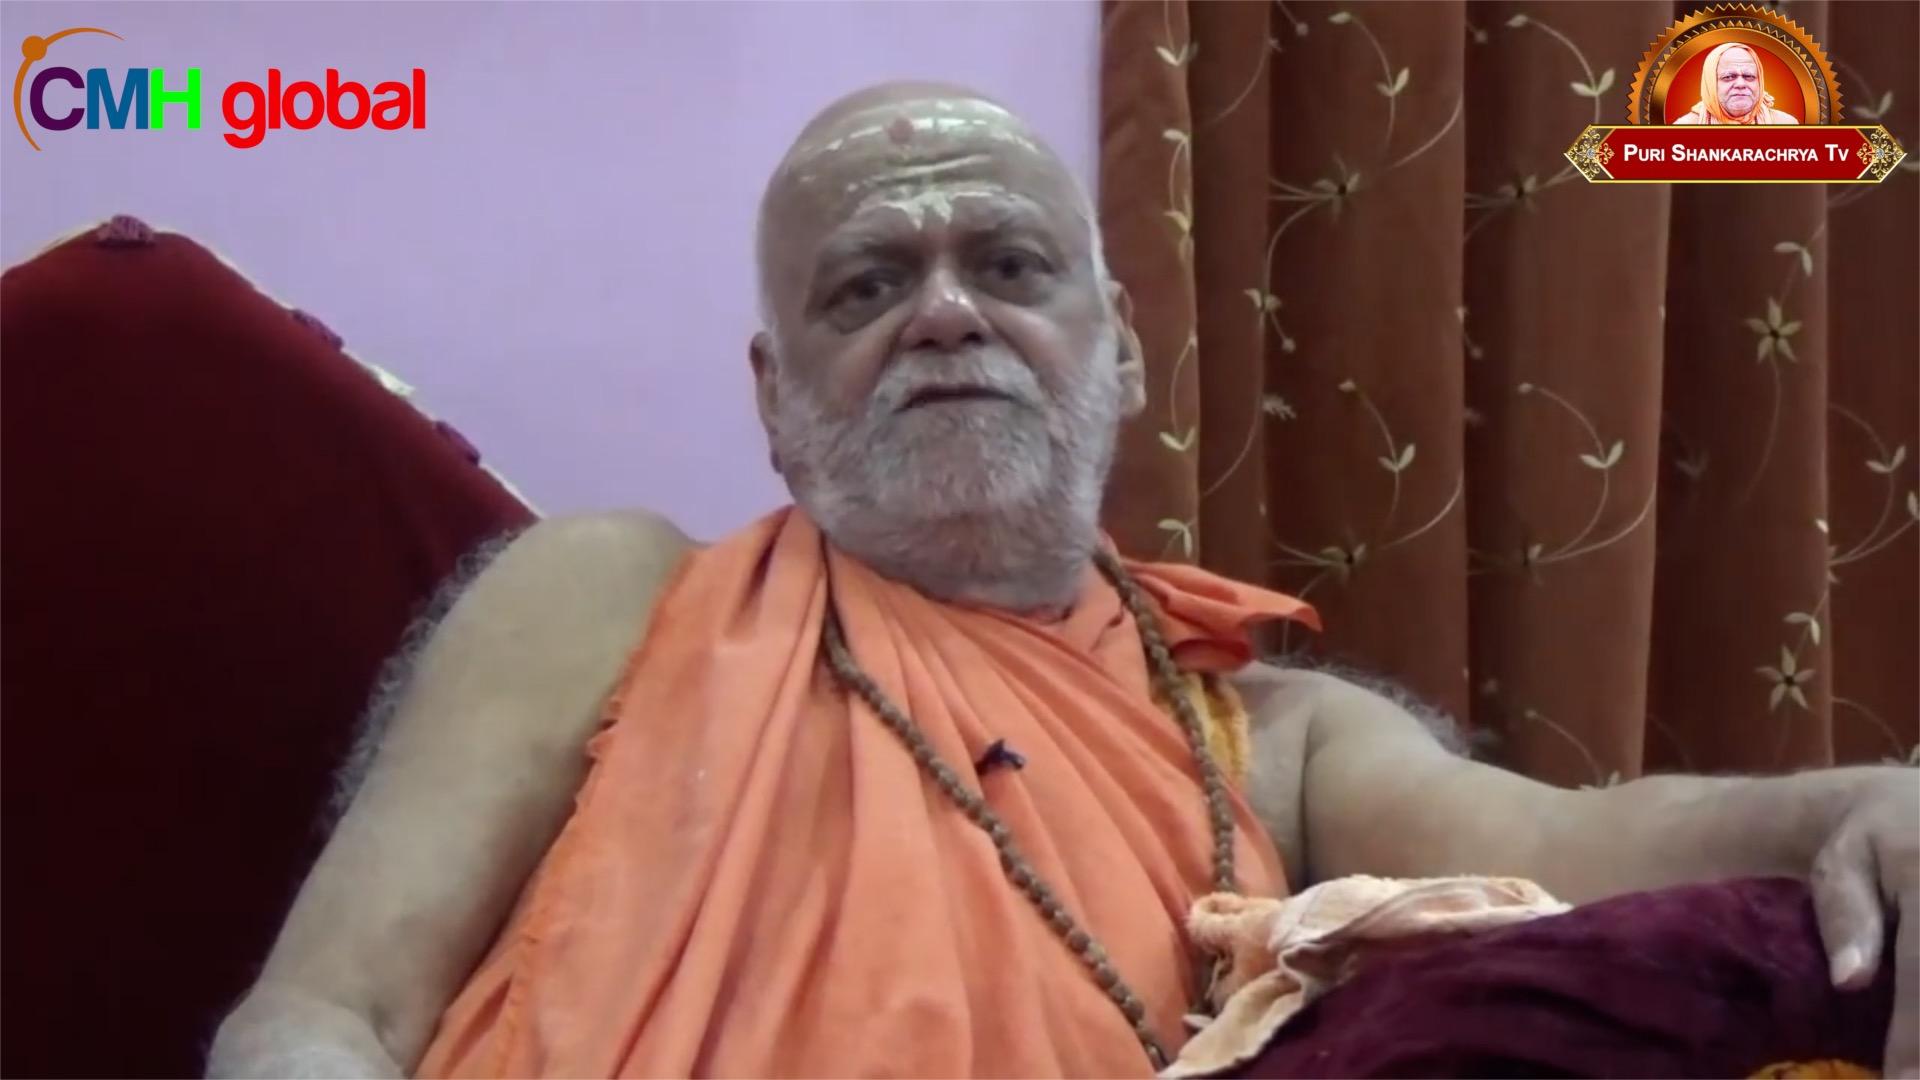 Gyan Dhara Ep -59 by Puri Shankaracharya Swami Nishchalananda Saraswati Ji